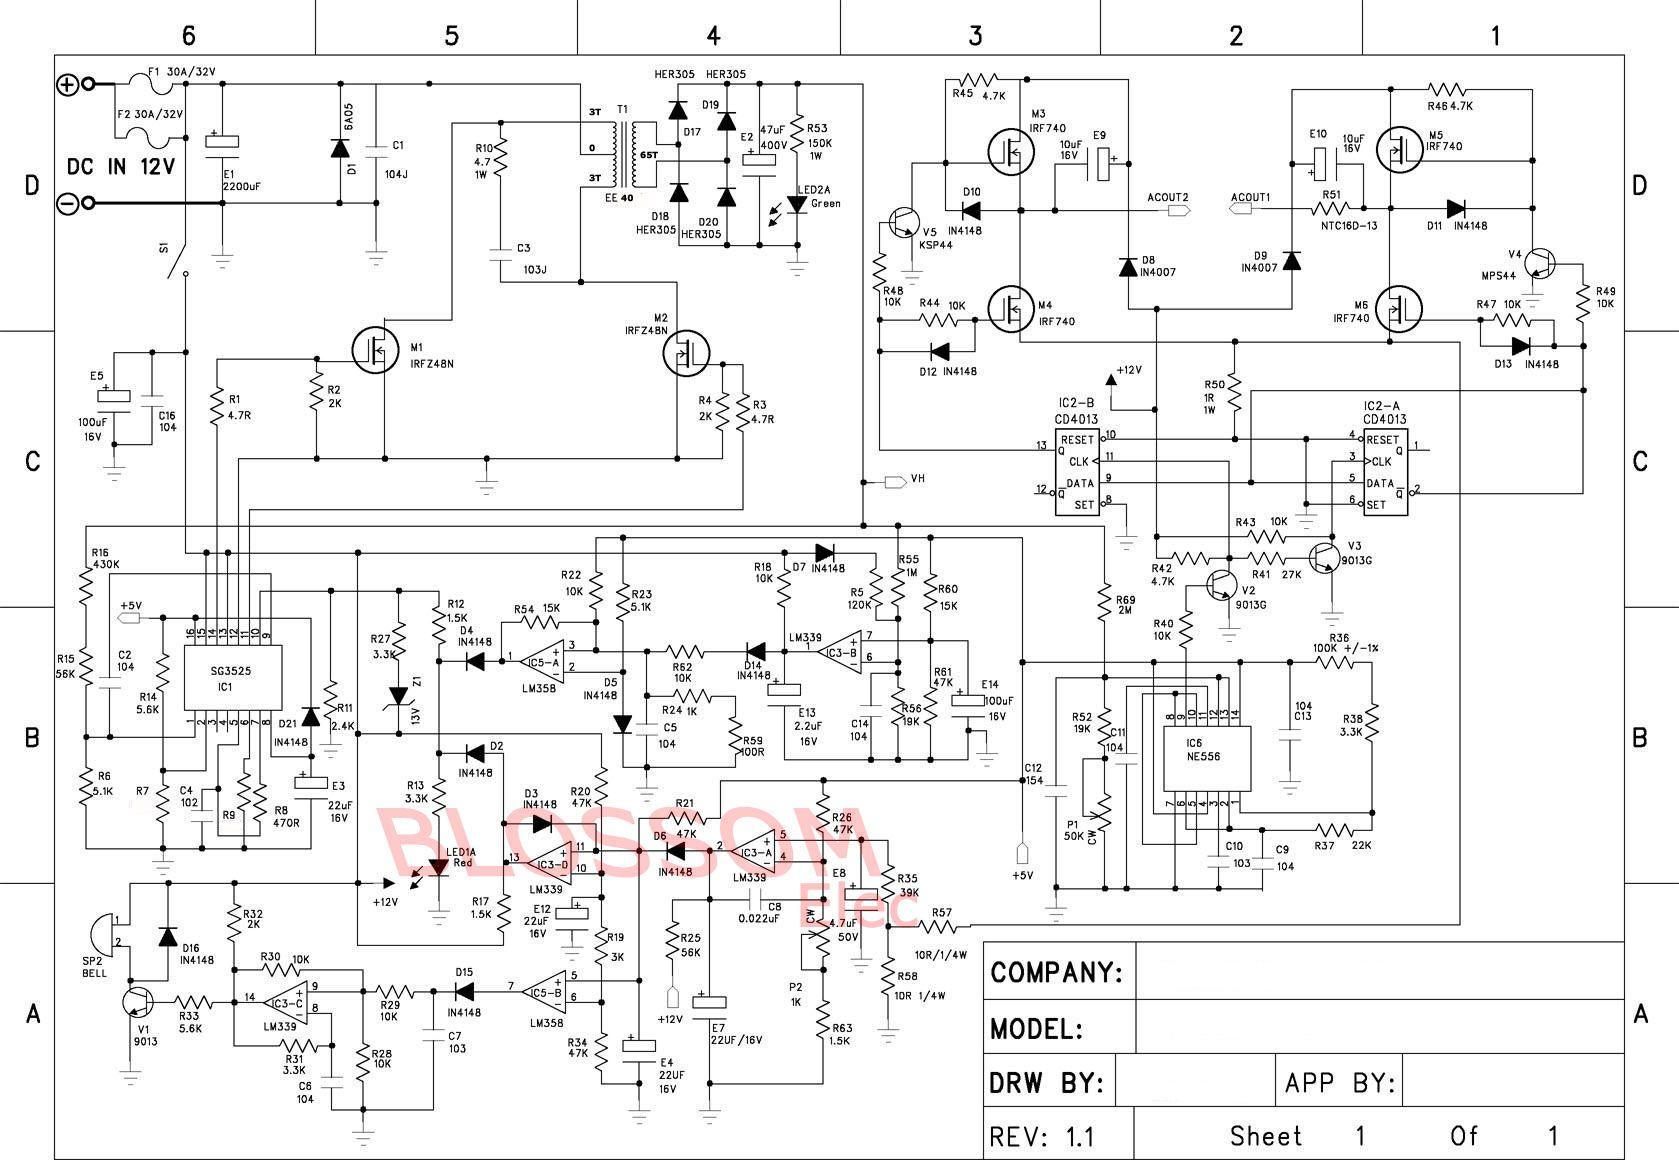 efie and pwm wiring diagram for hho systems humbucker kit solved dc to ac inverter h bridge denenecek projeler